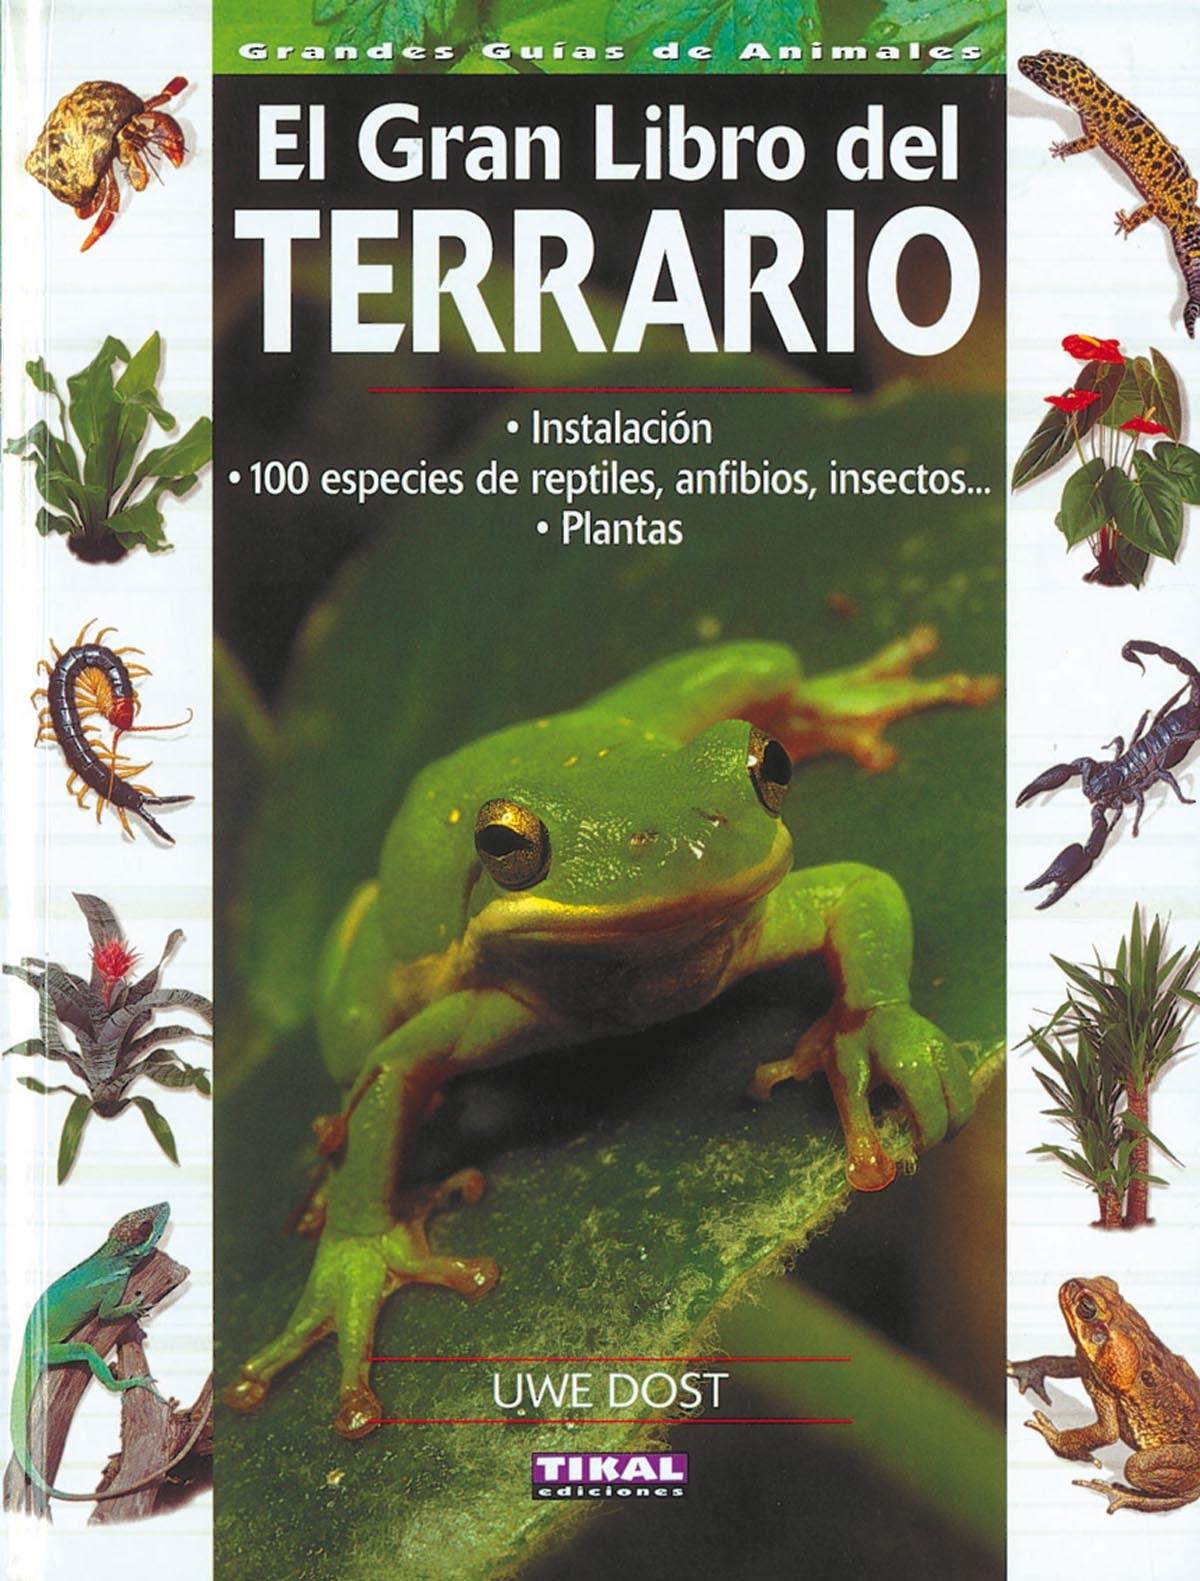 El gran libro del terrario 9788430565405